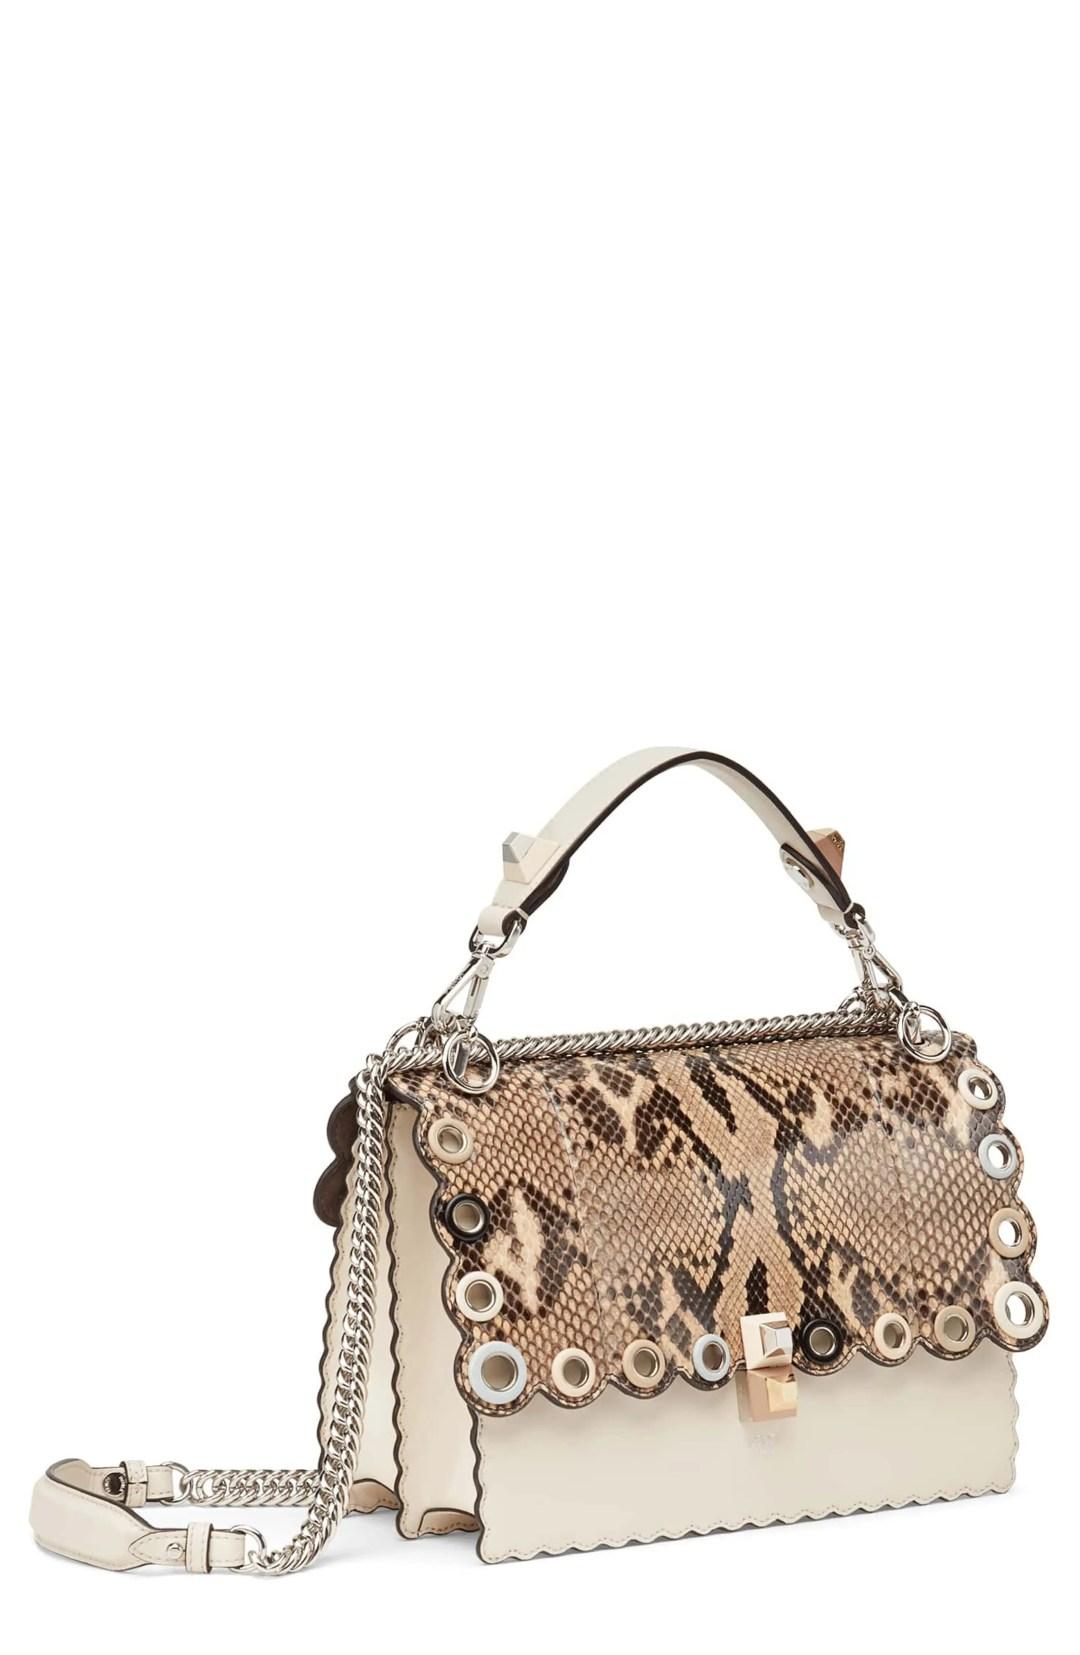 a2e6392efa74 Fendi Small Kan I Genuine Python   Calfskin Shoulder Bag – – NORDSTROM.com  –  3